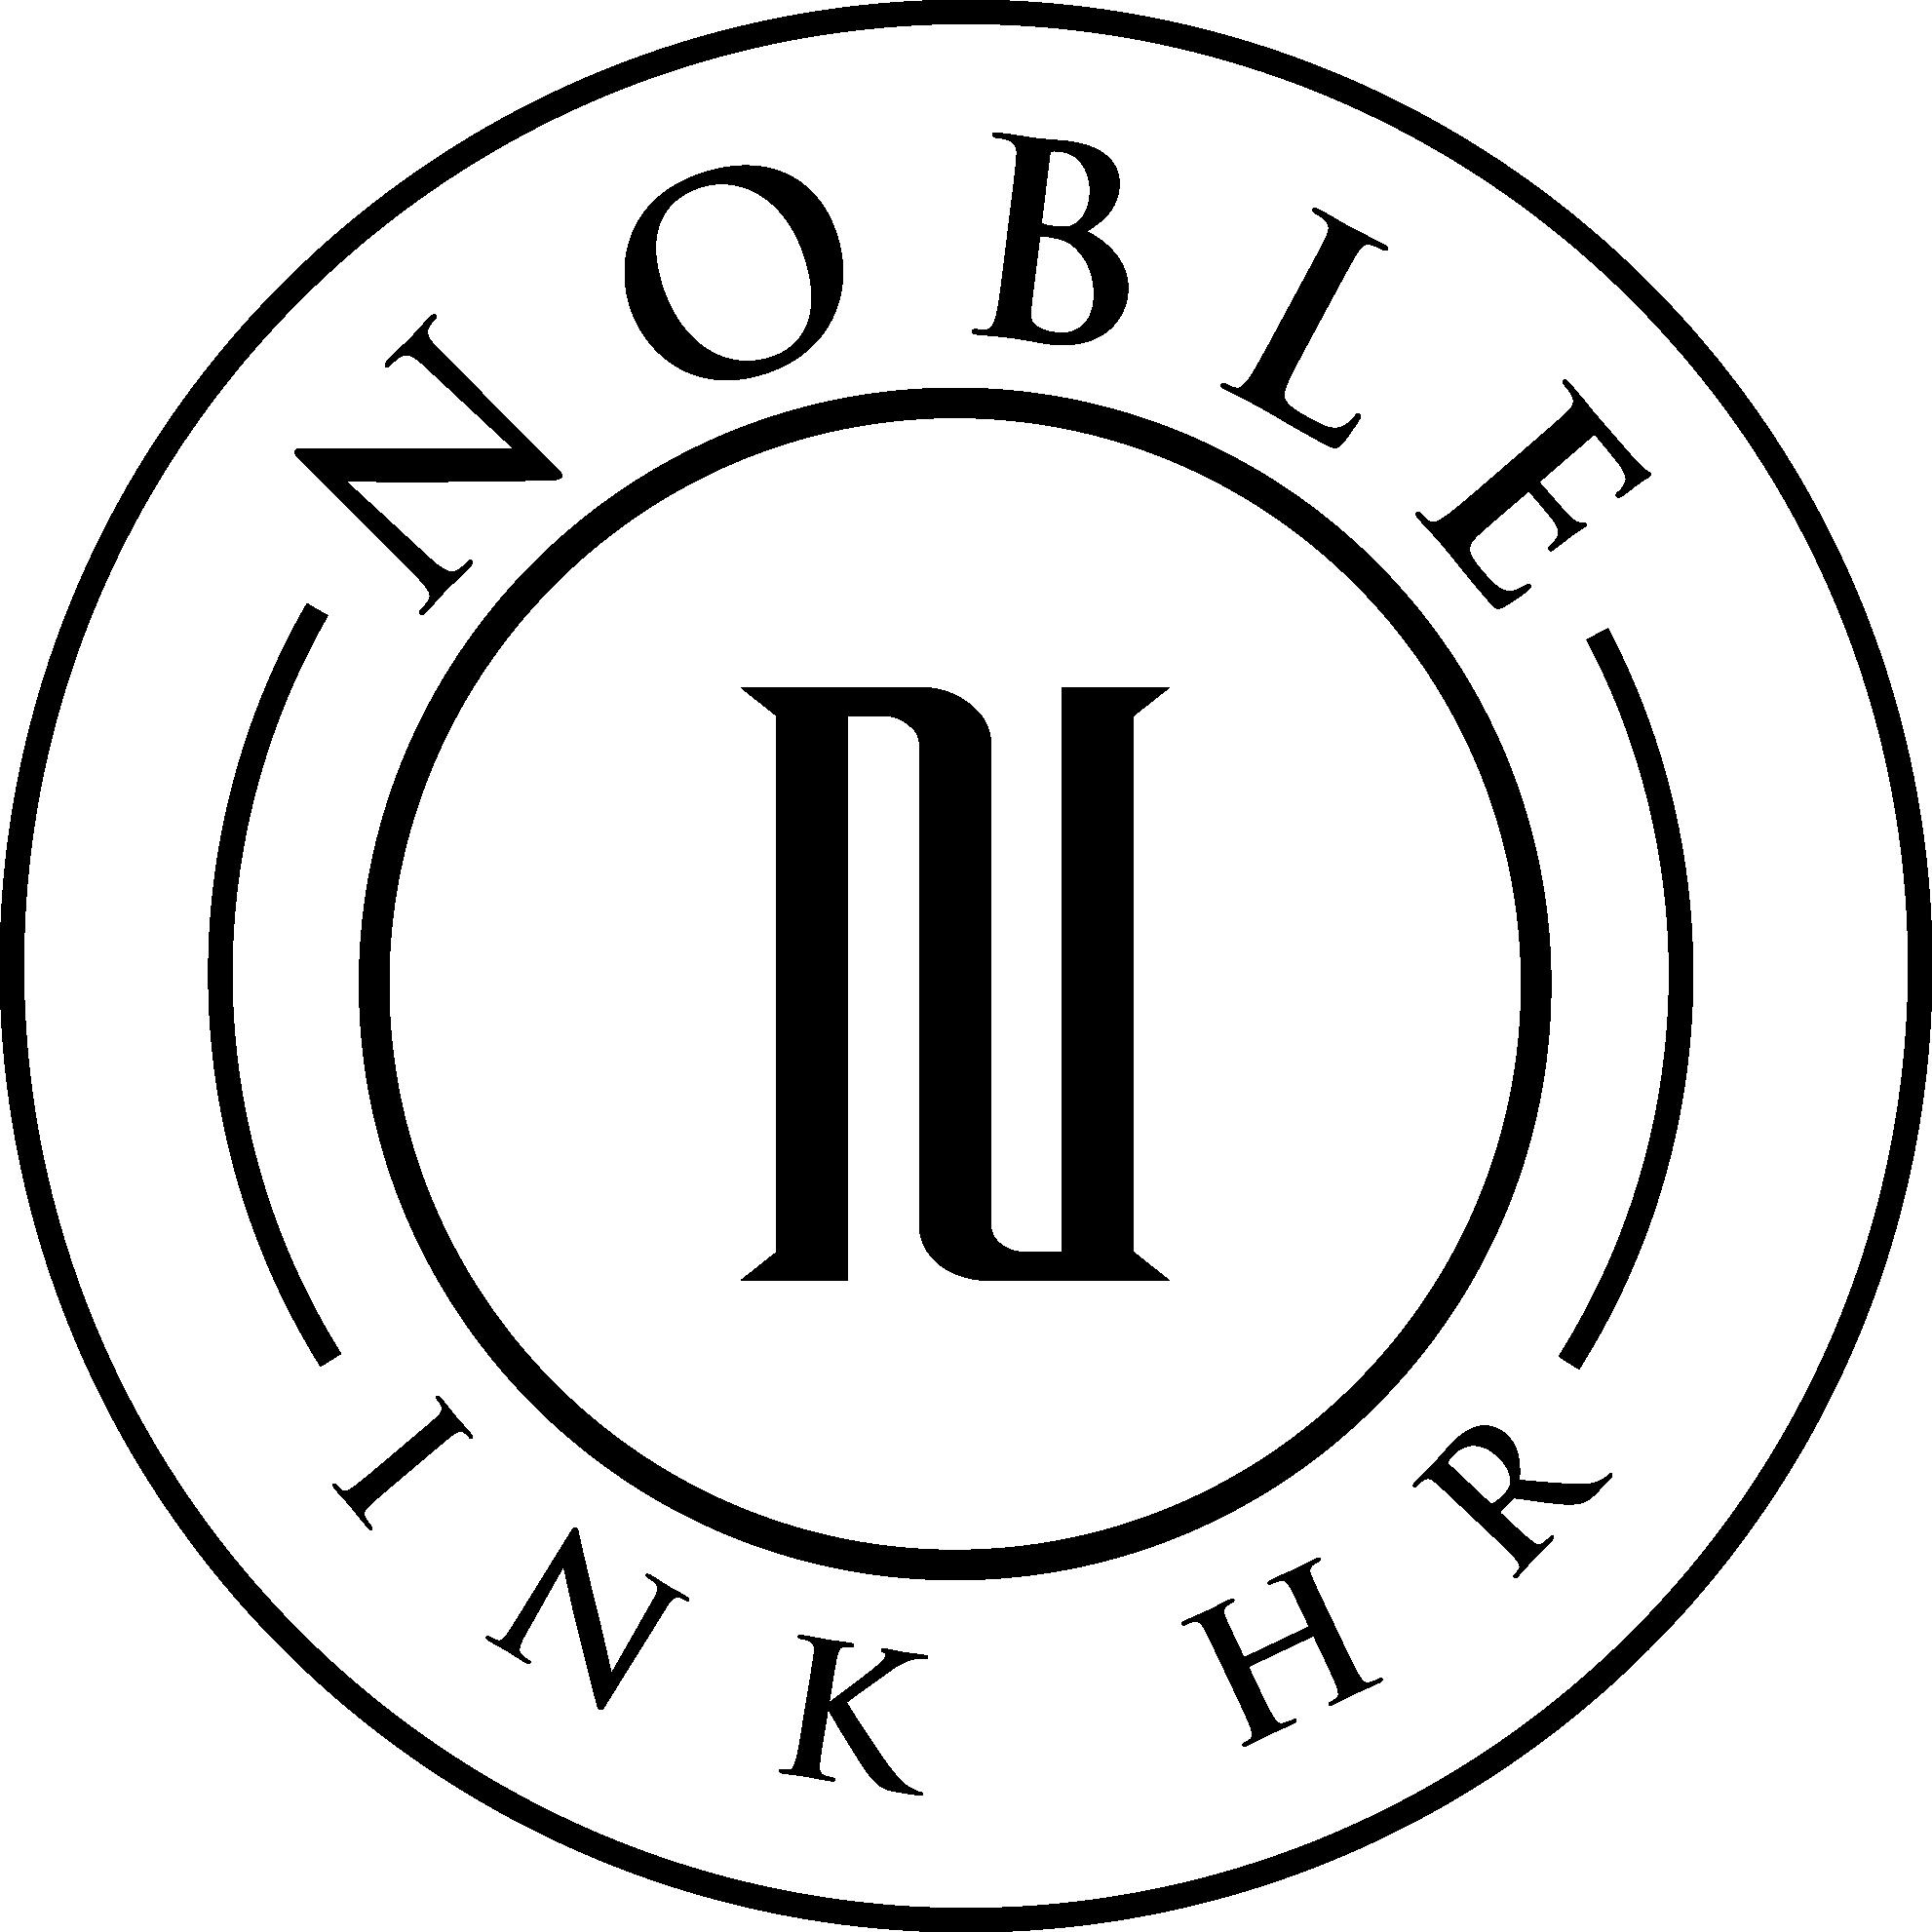 Design a vintage logo for a back office support